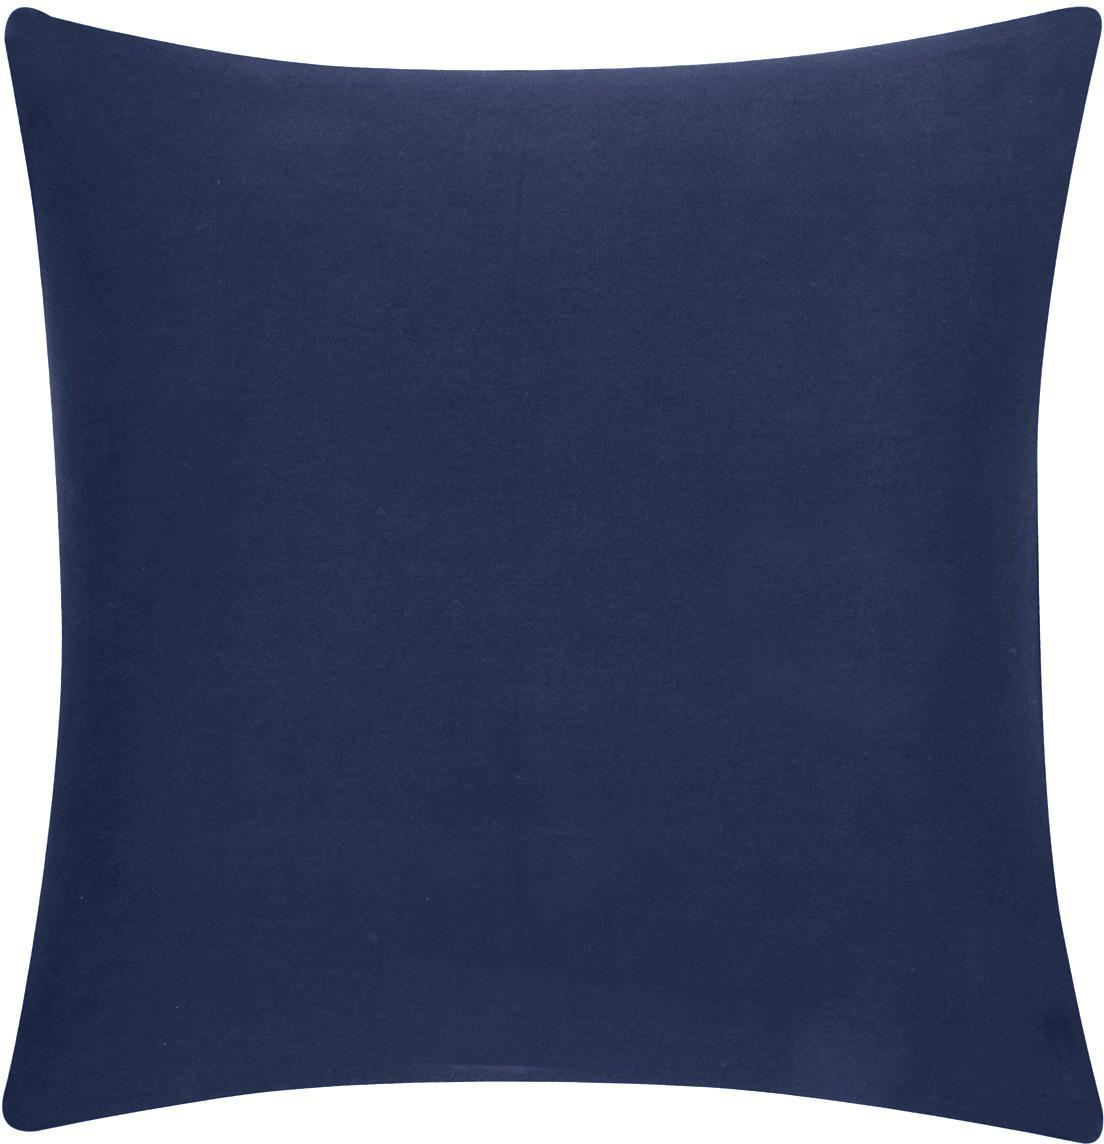 Federa arredo in cotone blu scuro Mads, 100% cotone, Blu navy, Larg. 40 x Lung. 40 cm